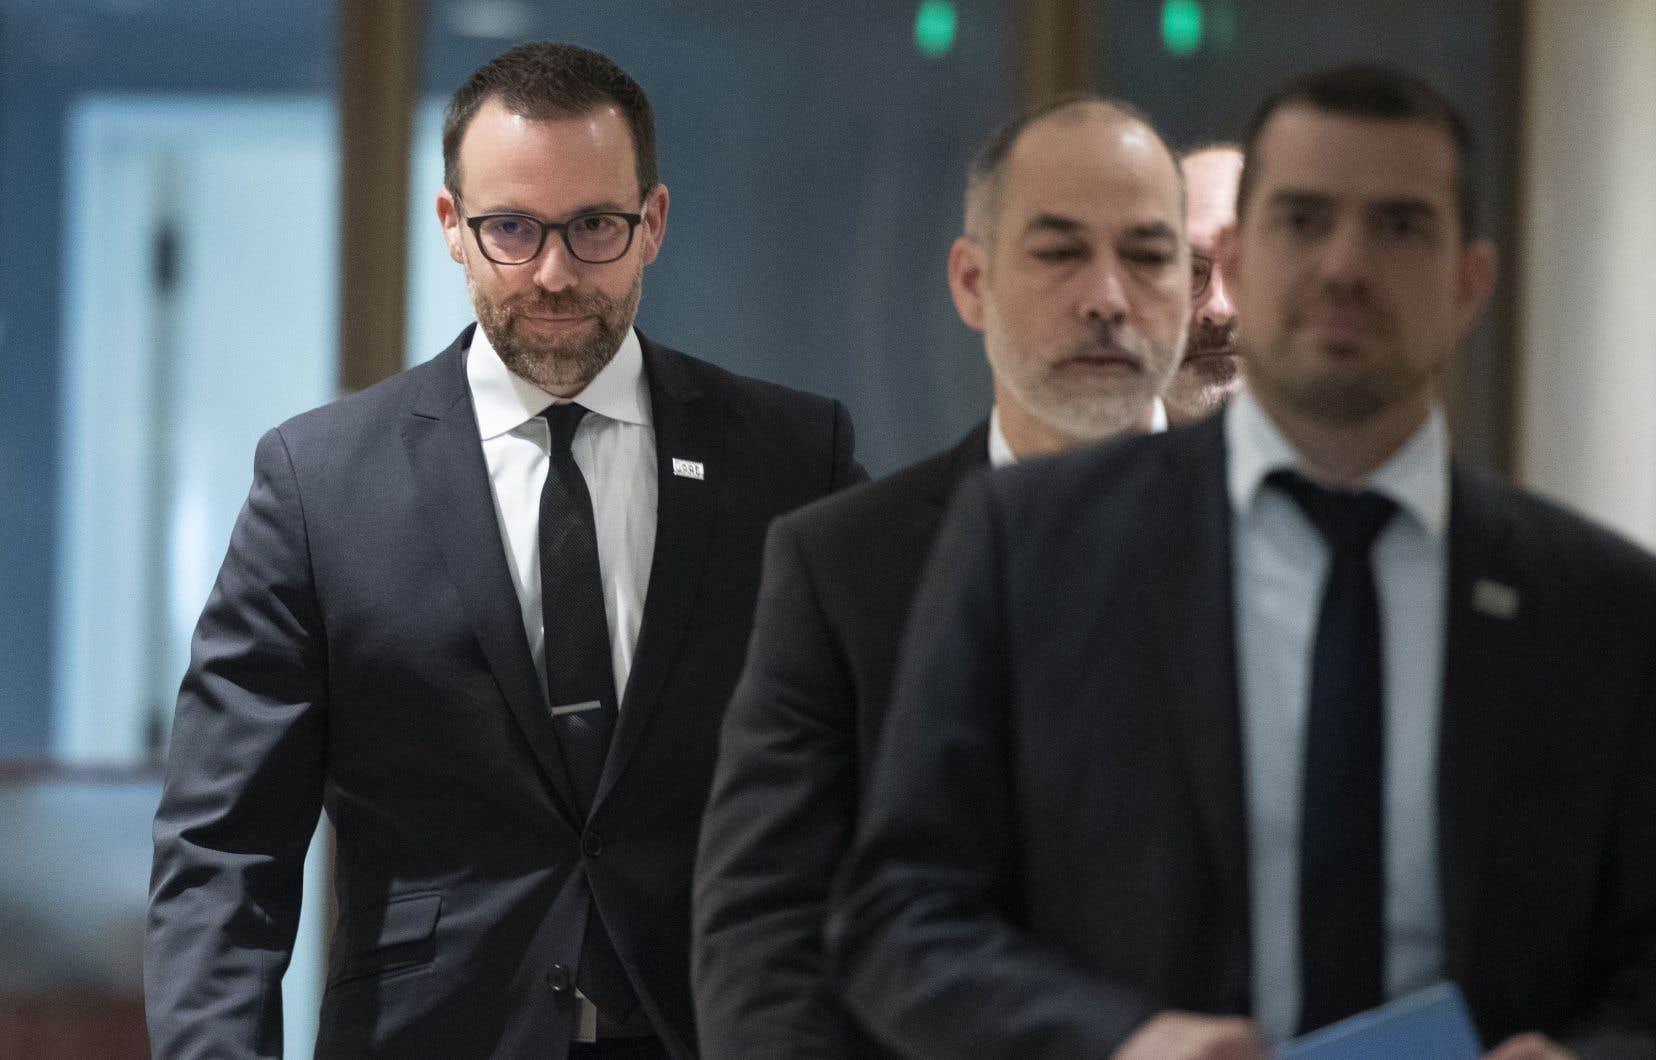 Le commissaire à la lutte contre la corruption, Frédérick Gaudreau, à l'arrière-plan, a annoncé mercredi la fermeture de l'enquête «Justesse», qui visait à démêler les allégations de malversation à la Société immobilière du Québec.